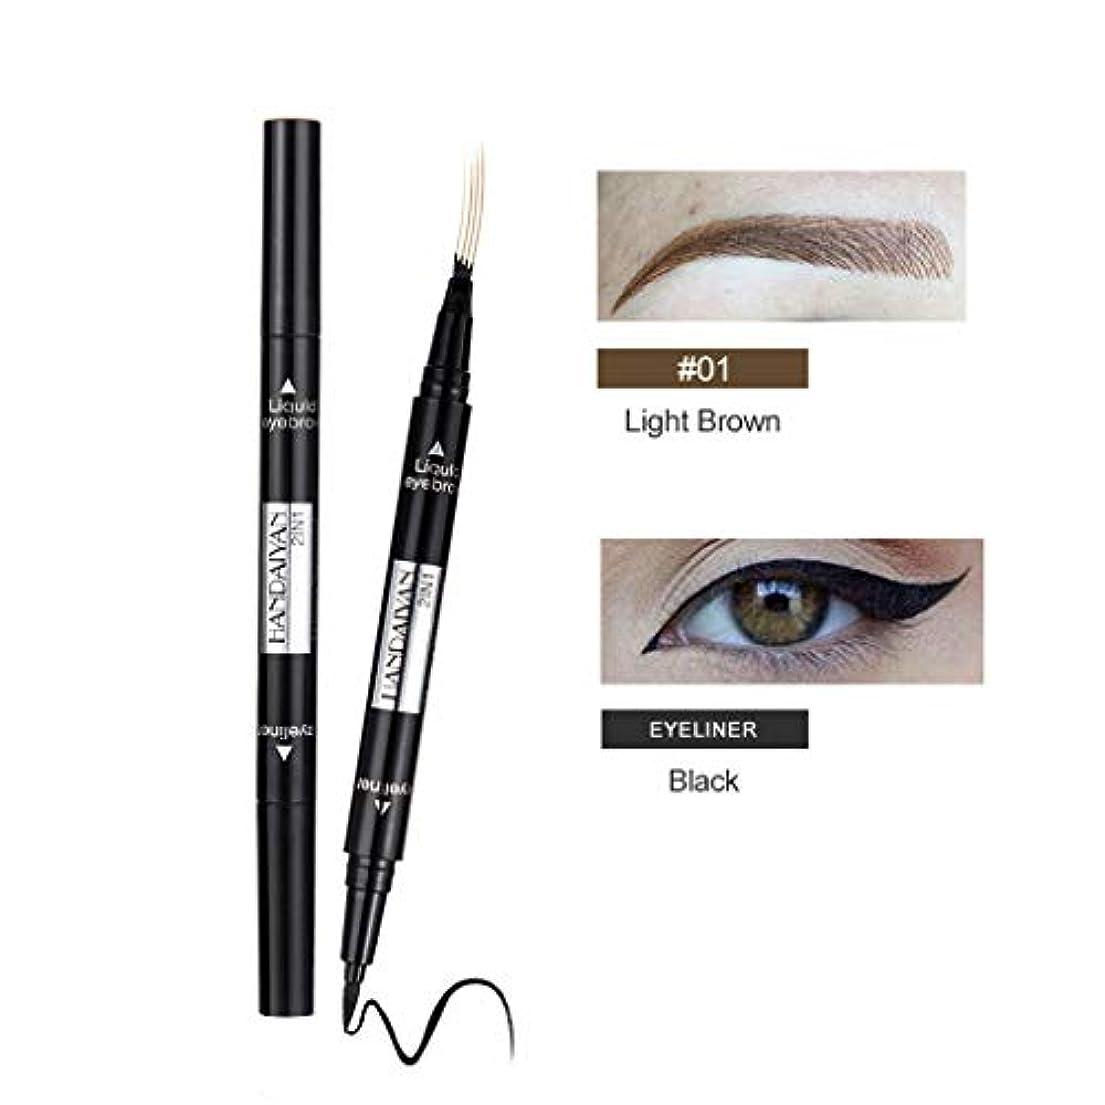 フェローシップ調整するフェードアウト眉毛の入れ墨のペンの防水フォークの先端のスケッチの化粧ペンのMicrobladingインクスケッチ